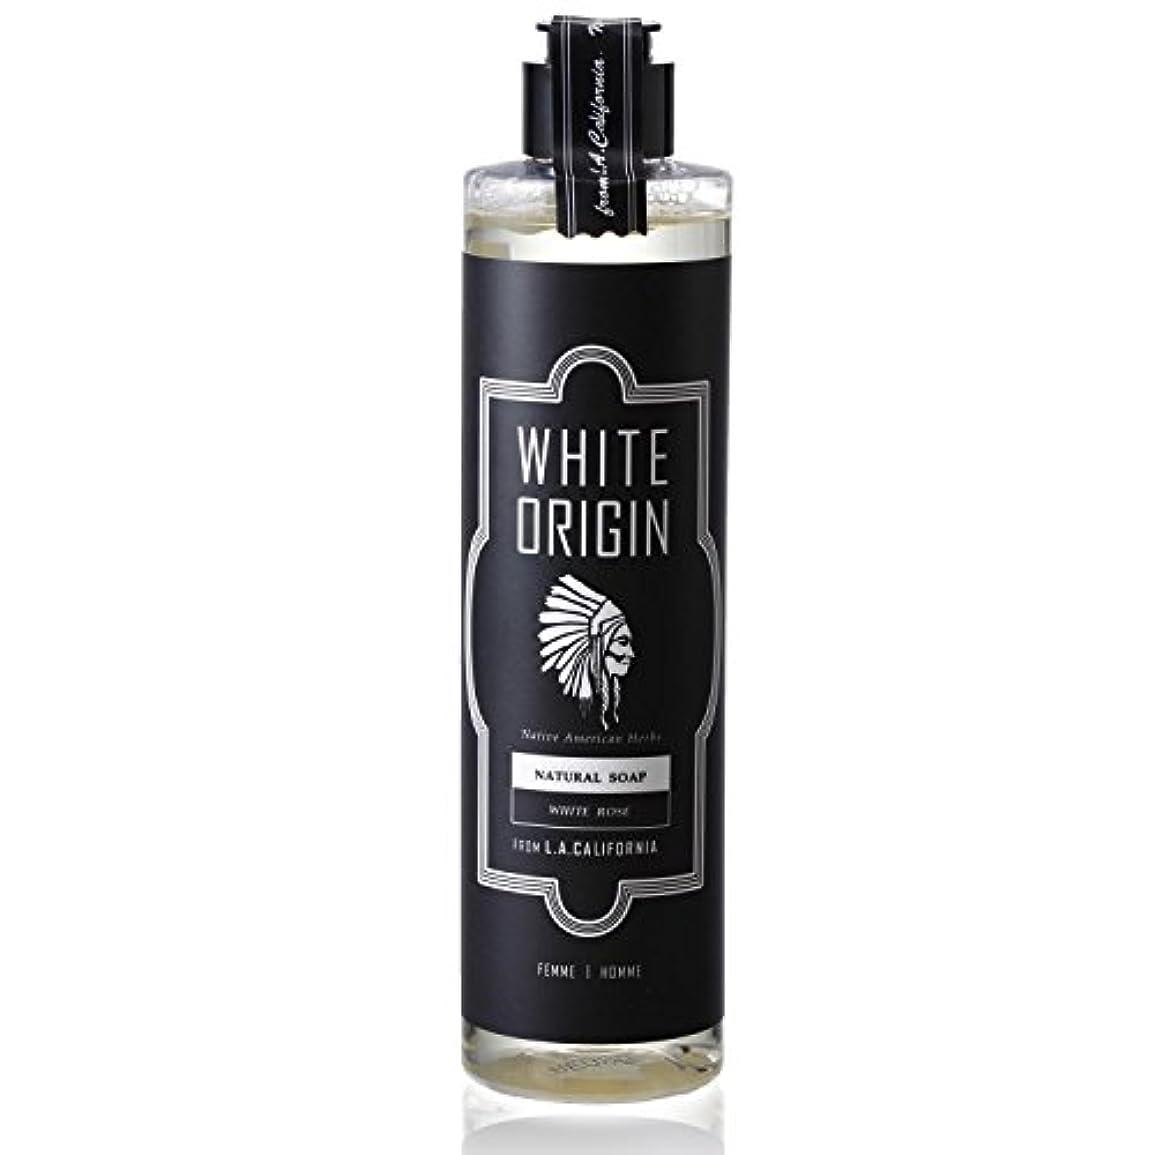 振り返るホスト箱WHITE ORIGIN ボディソープ 300ml 加齢臭 ケア オーガニック ナチュラル 男前 乾燥 ホワイトローズ